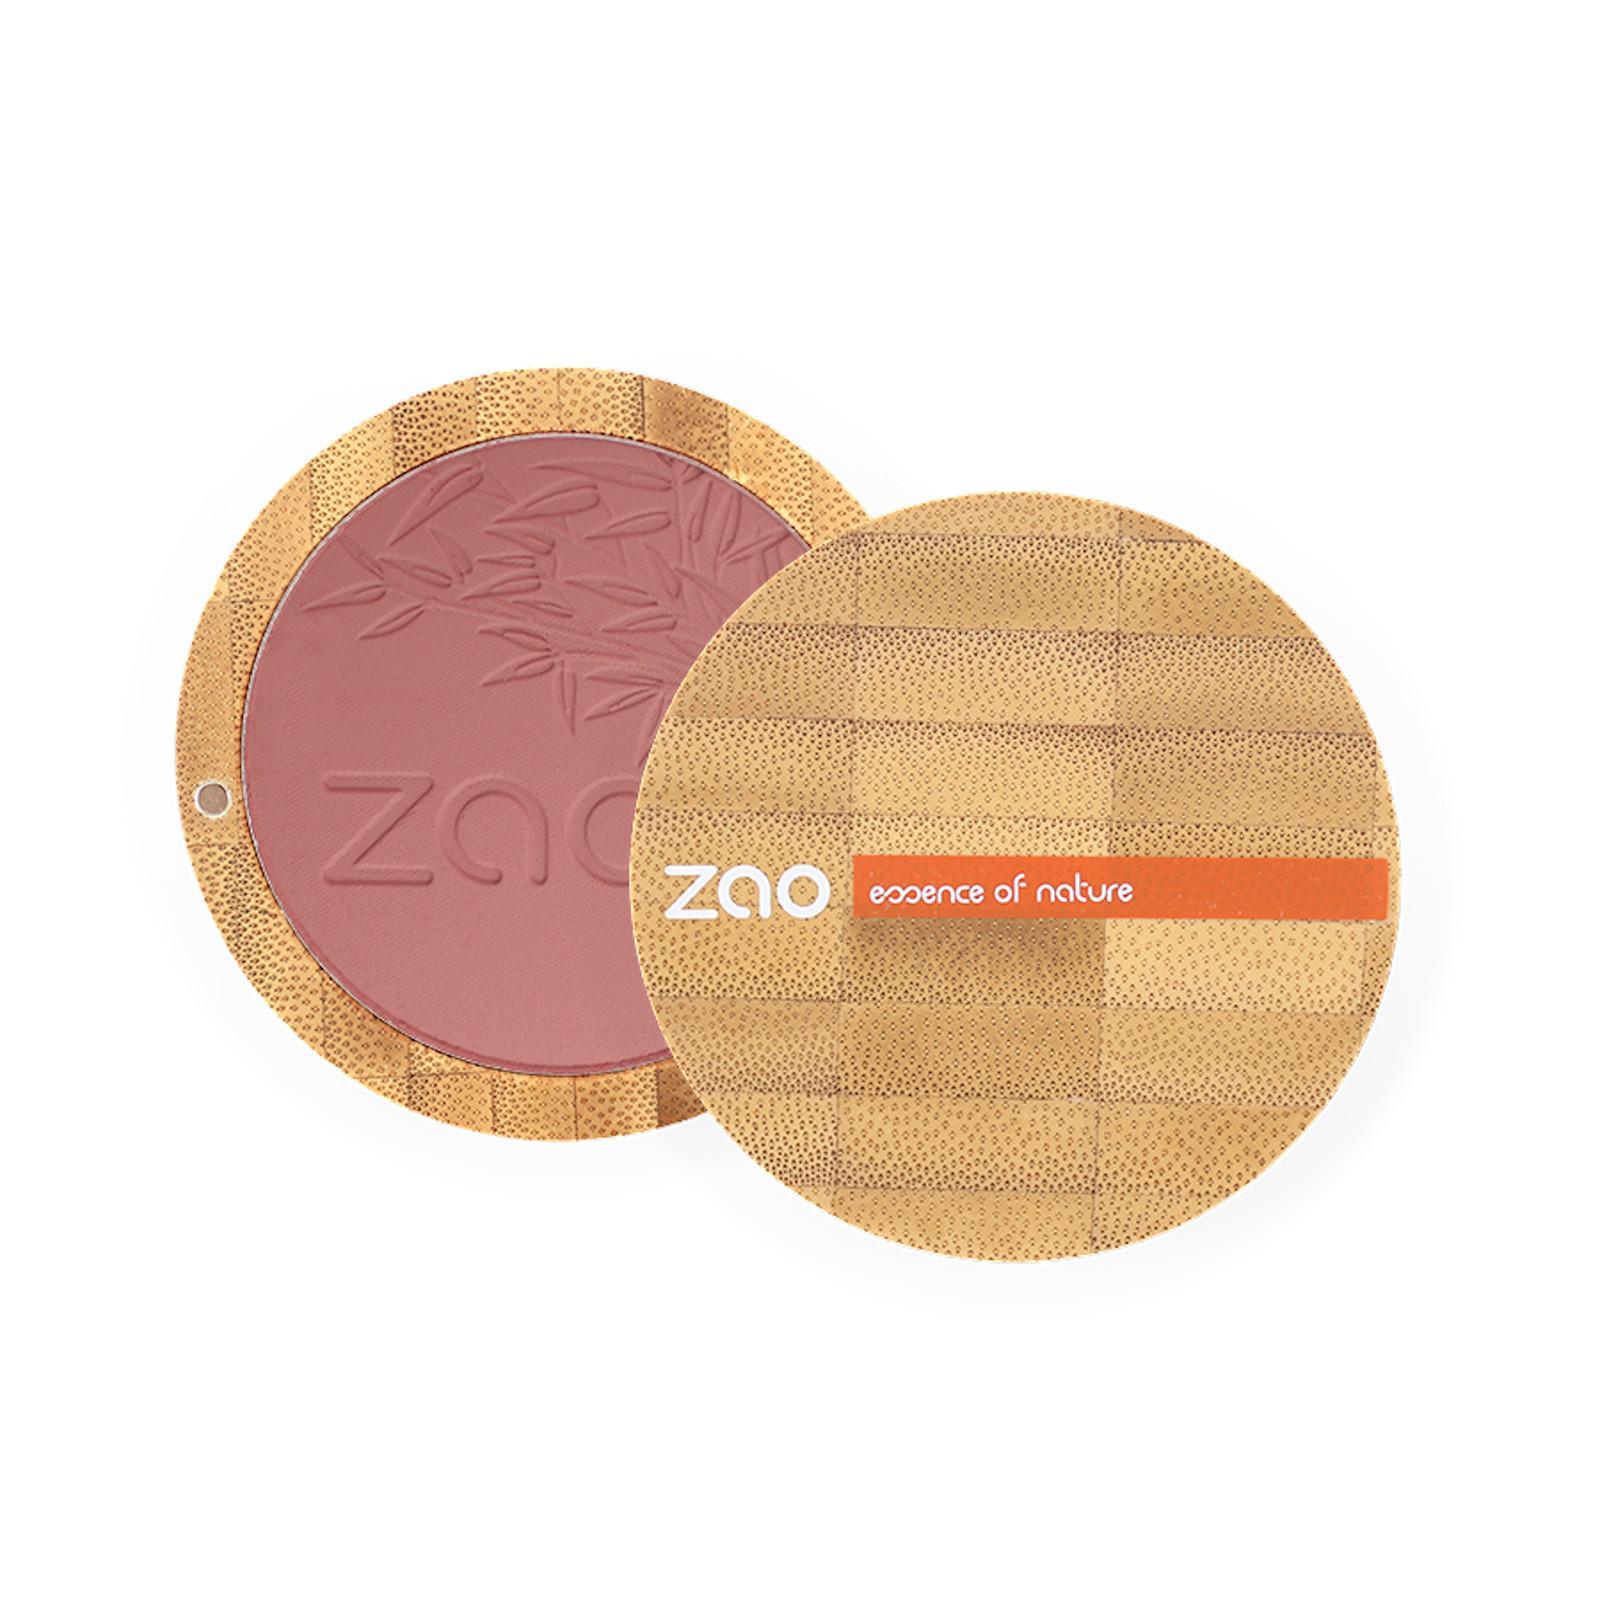 ZAO Tvářenka 322 Brown Pink 9 g bambusový obal